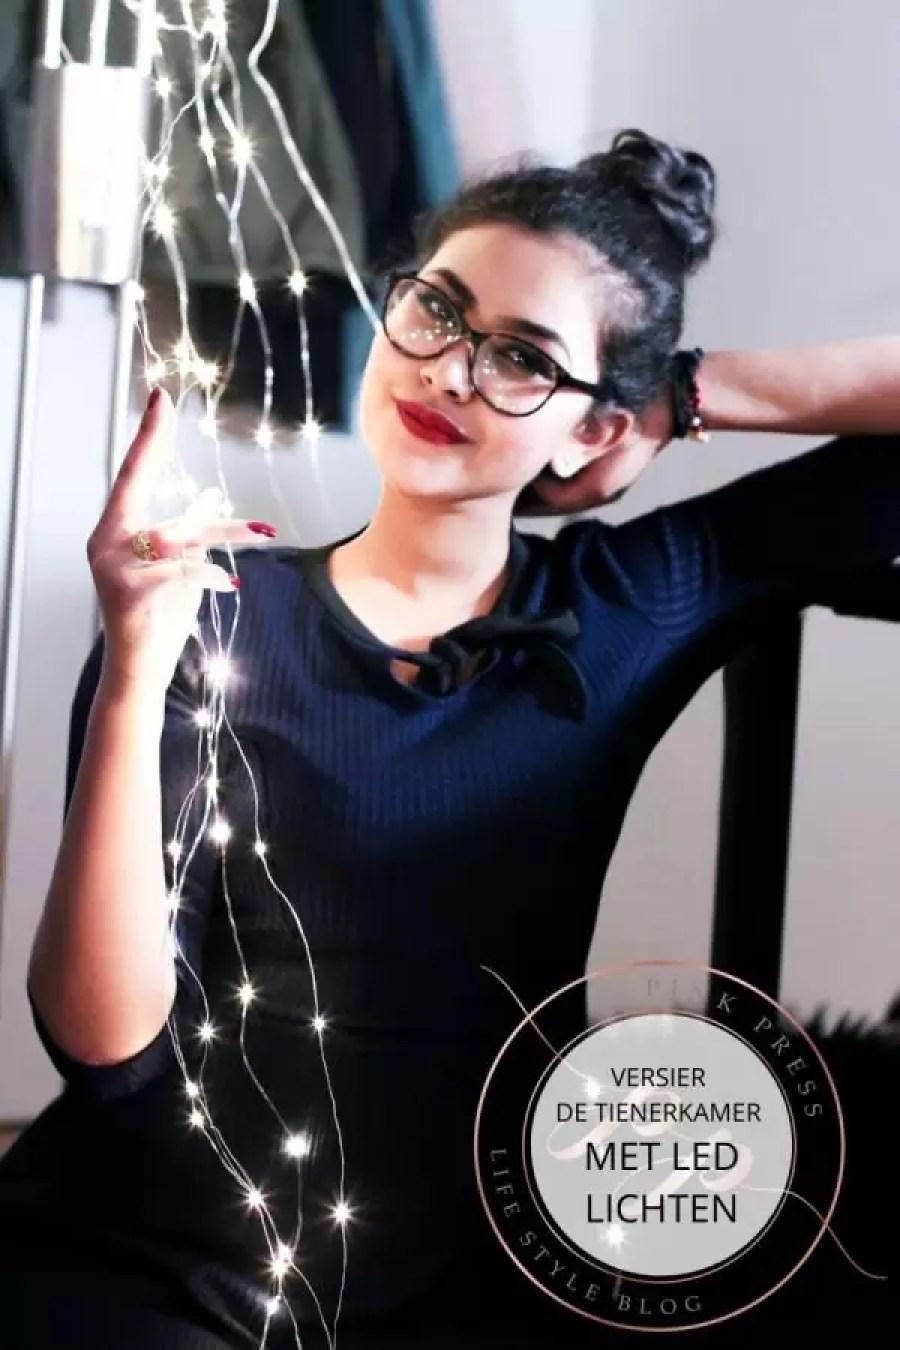 versier de tienerkamer met led licht - Mijn nieuwe woning   zo heb ik de verlichting gekozen